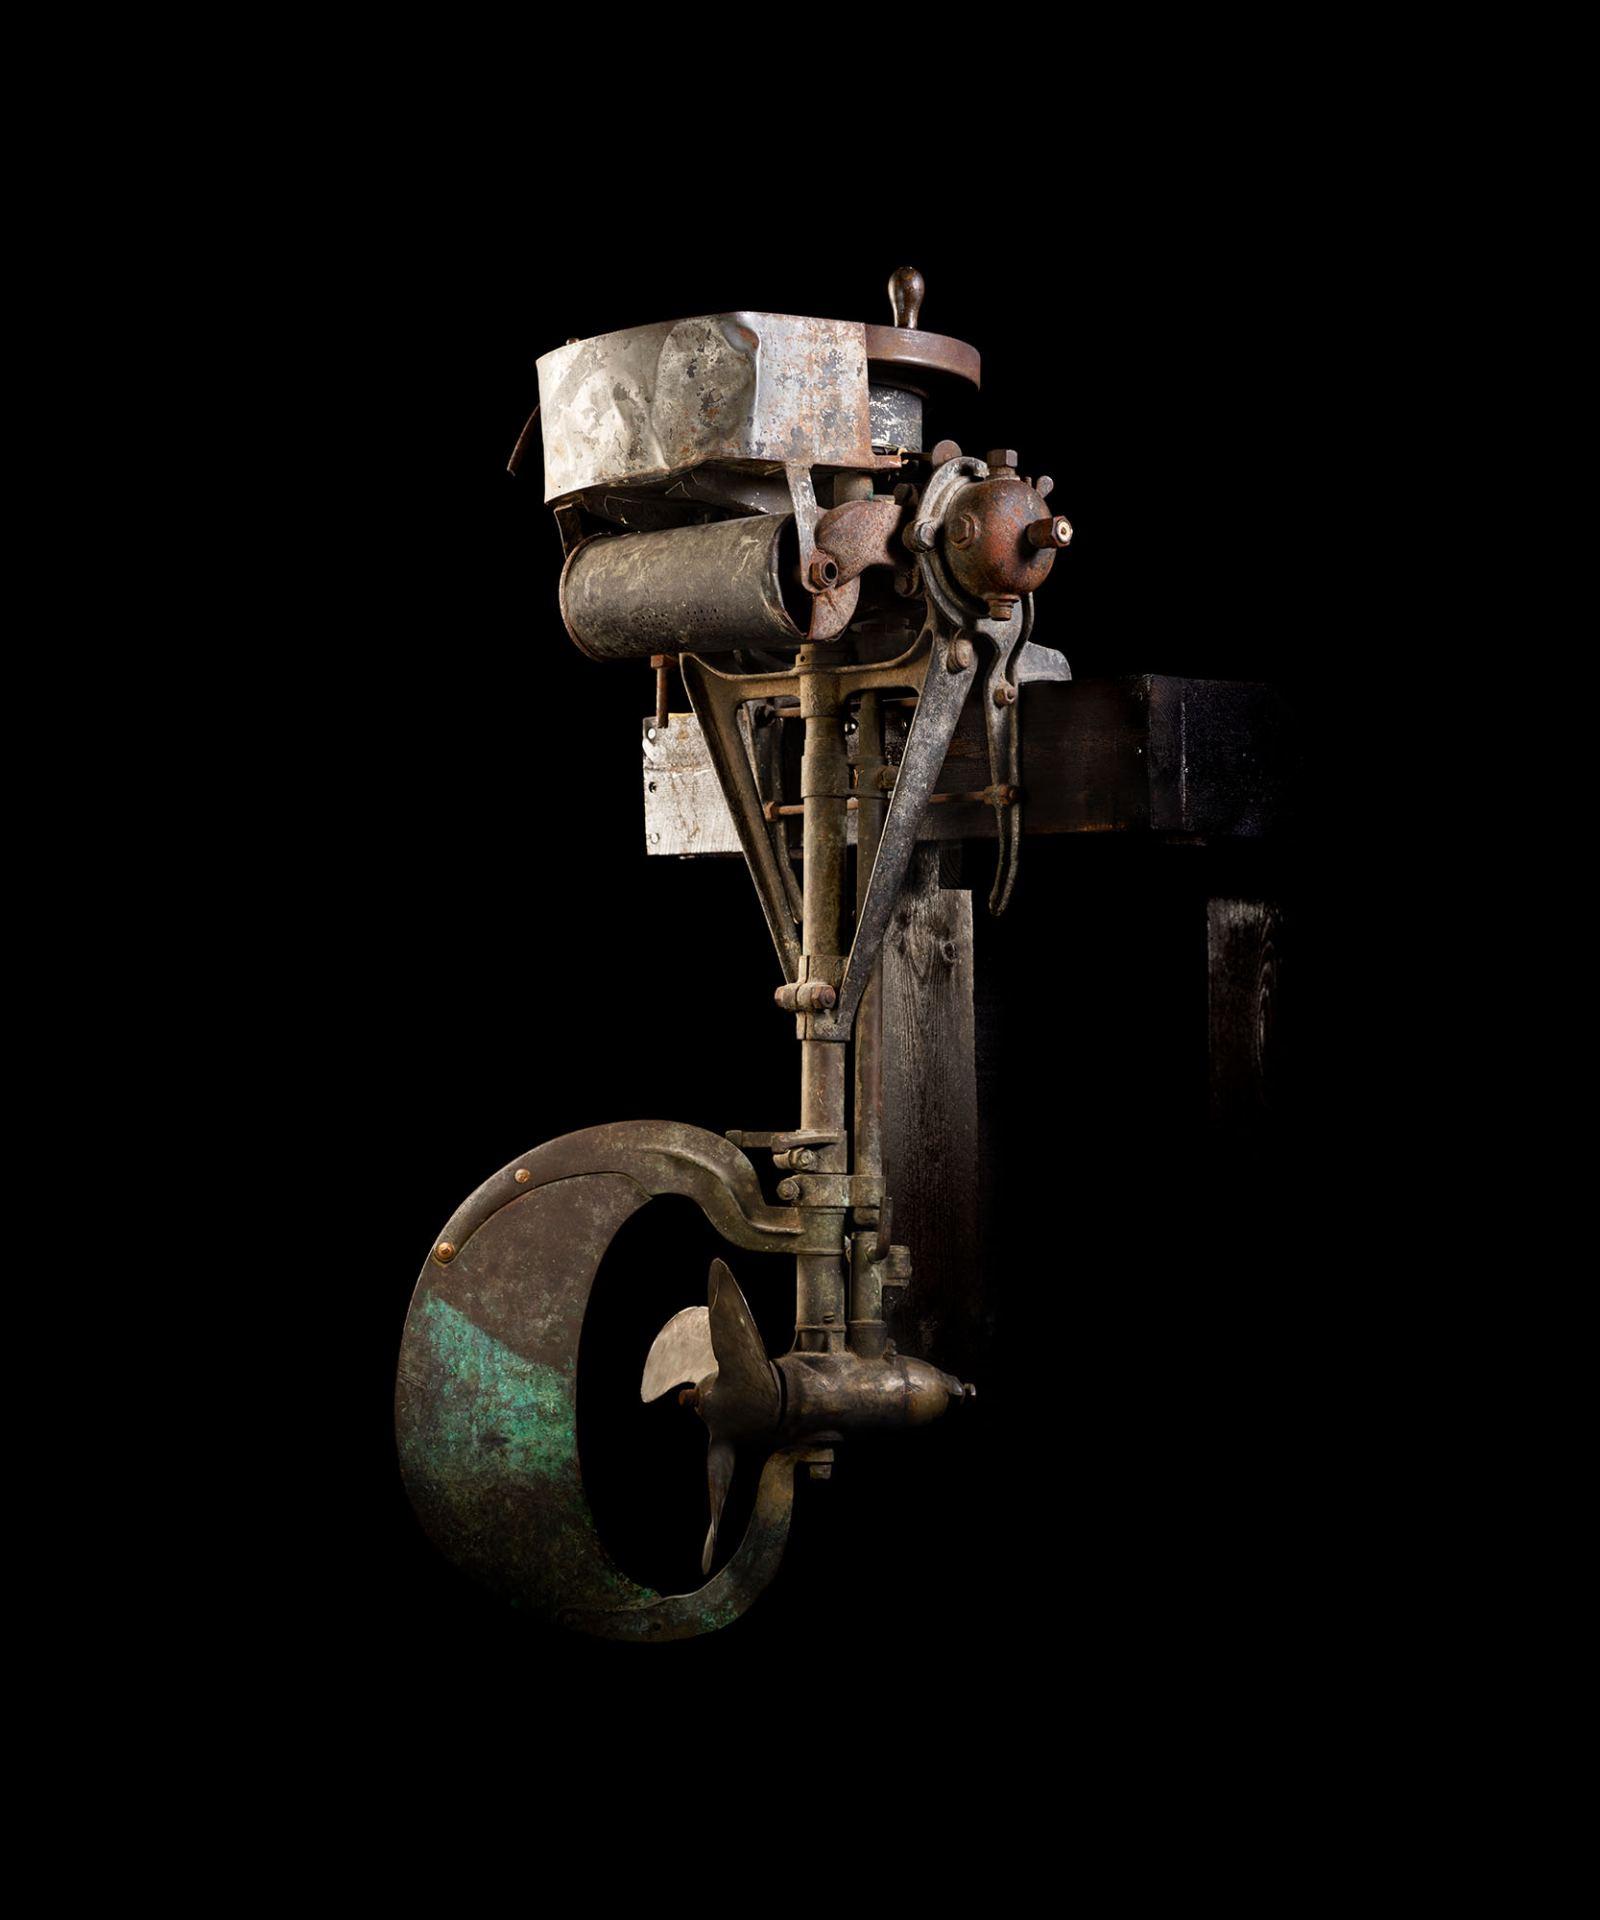 Y6_Apparatus 6